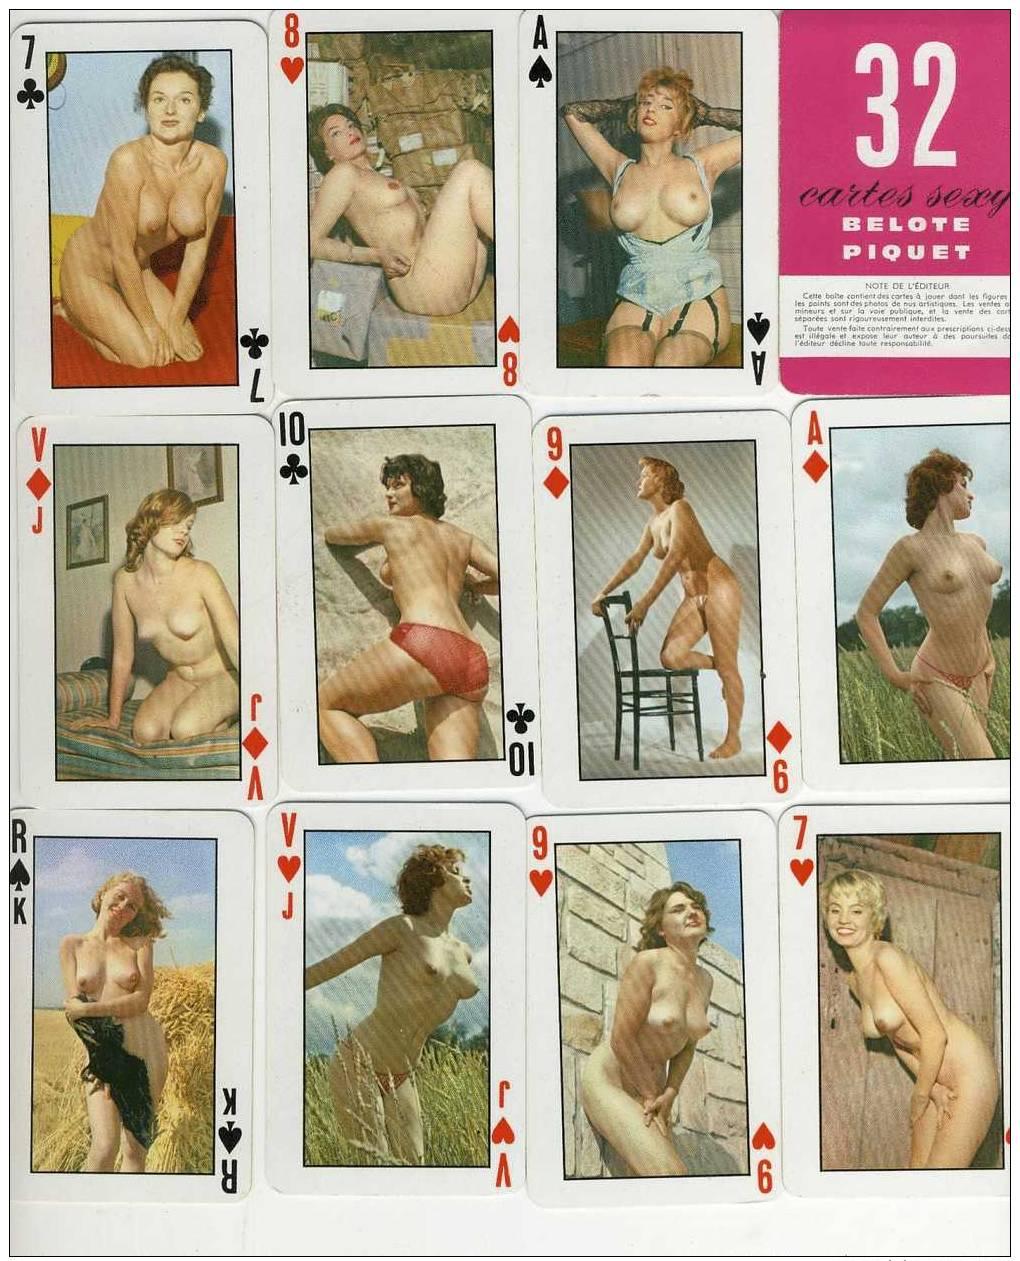 Cartes � Jouer classiques - Delcampe.fr